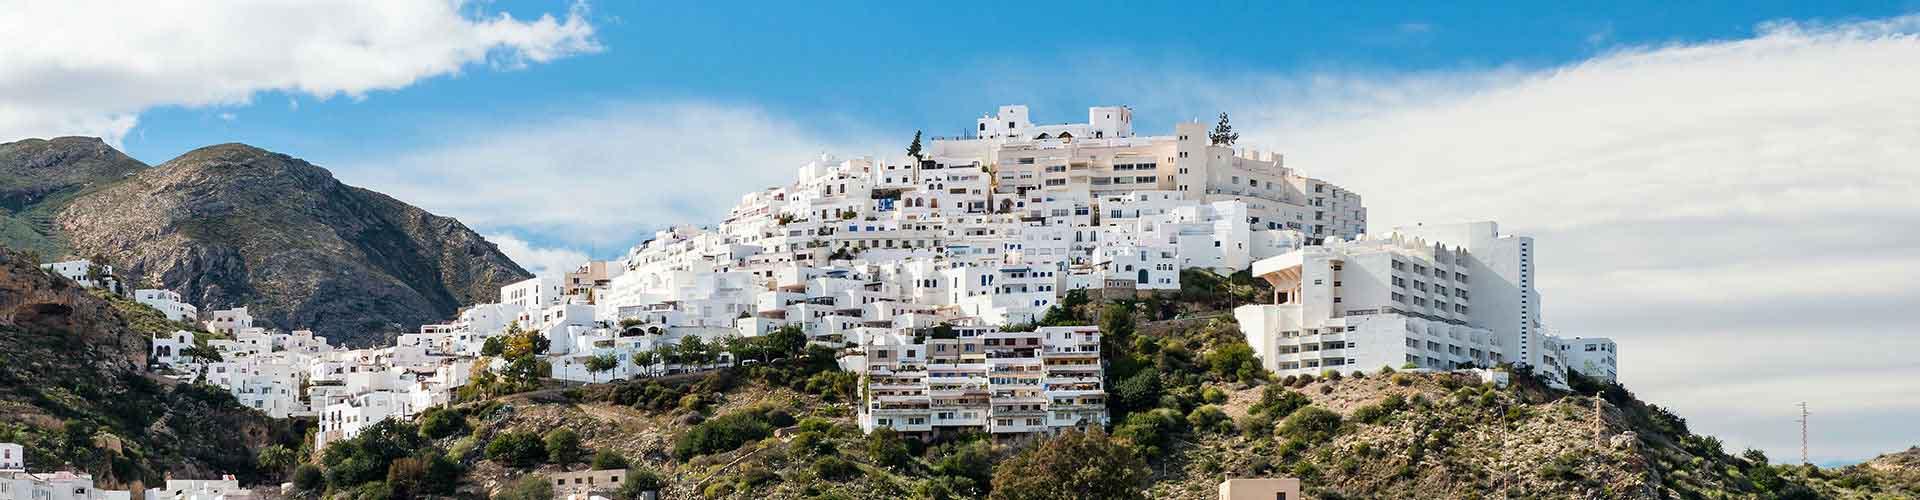 Almería - Hoteles baratos en Almería. Mapas de Almería, Fotos y comentarios de cada Hotel en Almería.